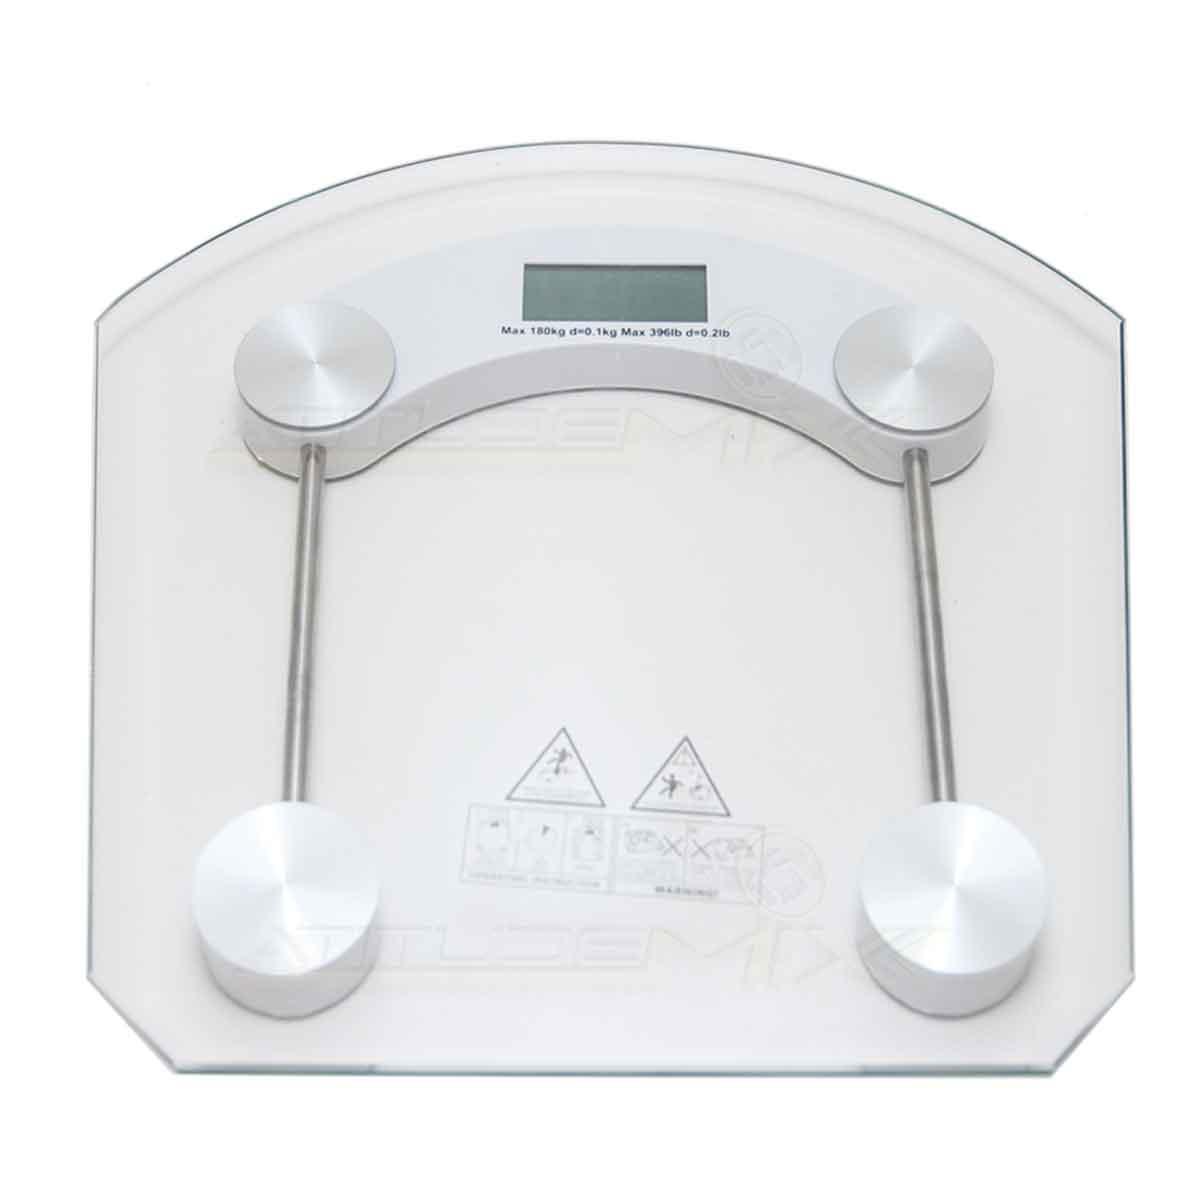 Balança Digital Vidro Temperado Academias Banheiros 180kg